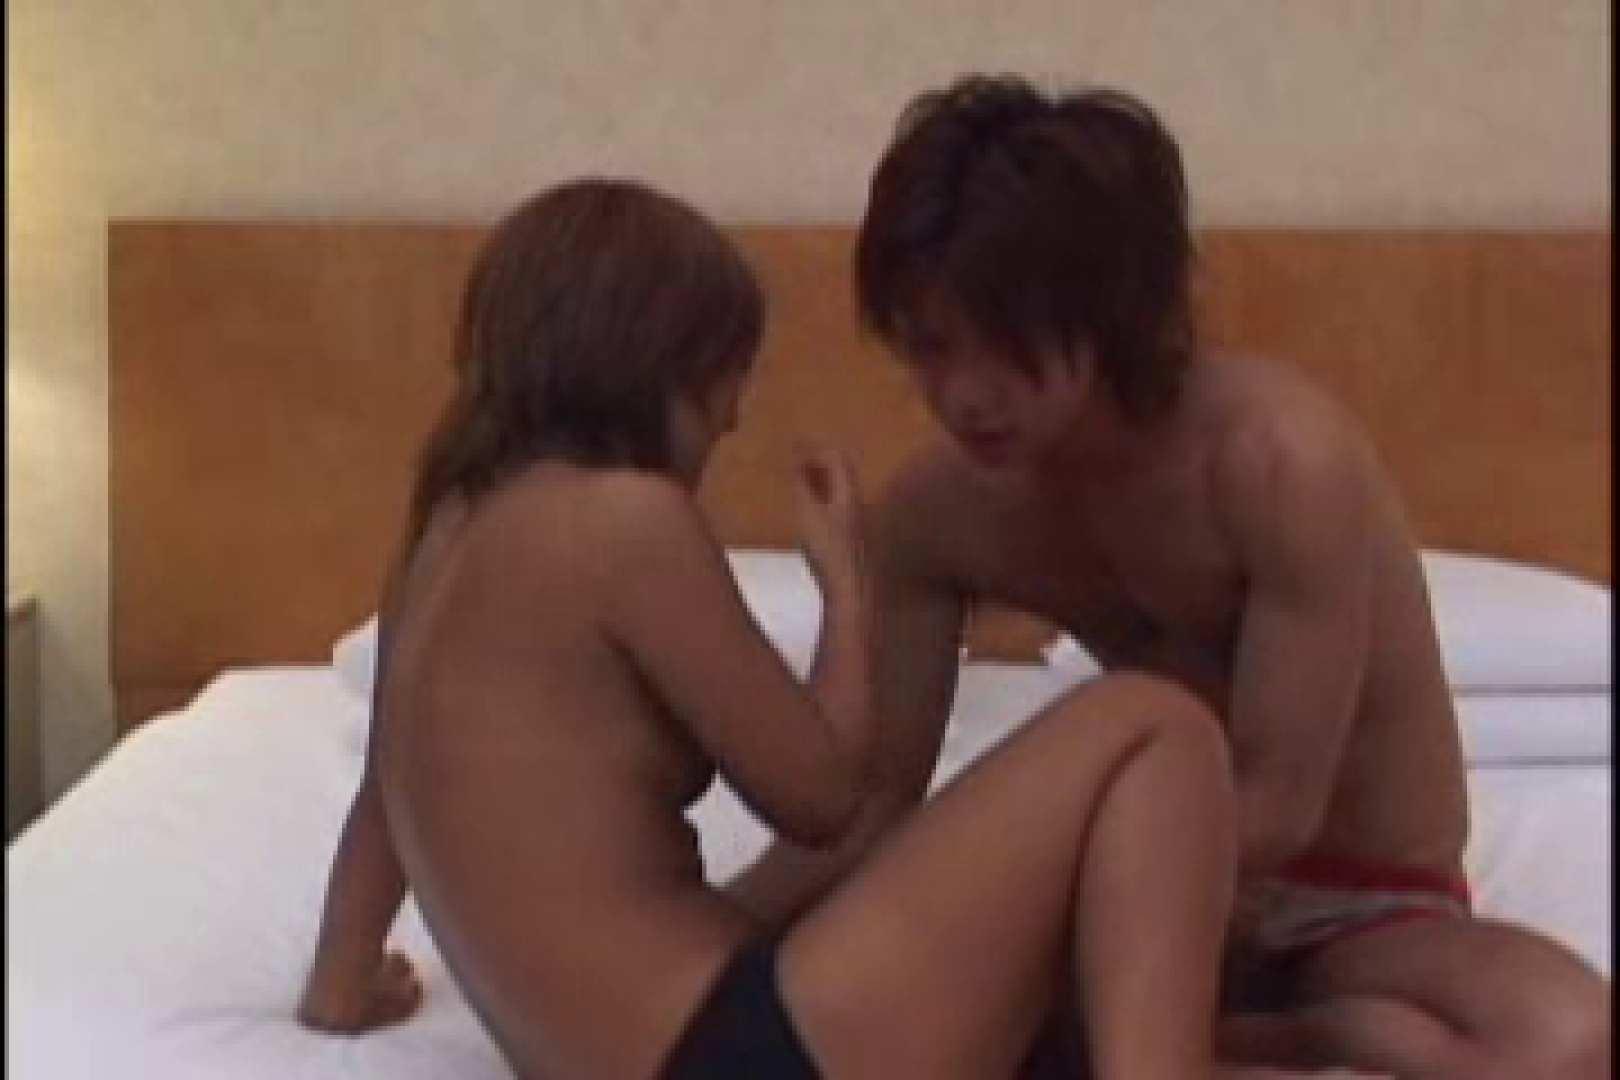 ゲイ 肉棒 動画|BEST OF イケメン!!男目線のガチSEX vol.02(対女性作品)|フェラ